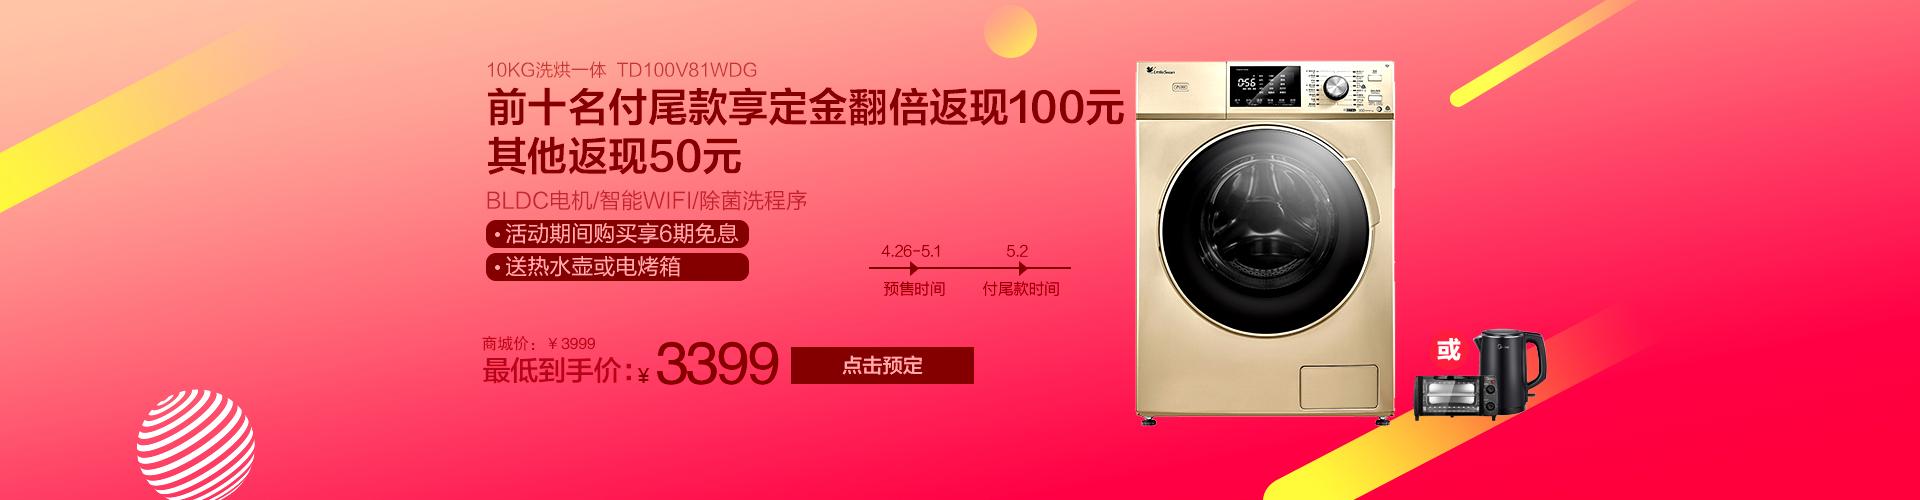 10公斤变频洗烘一体机 TD100V81WDG